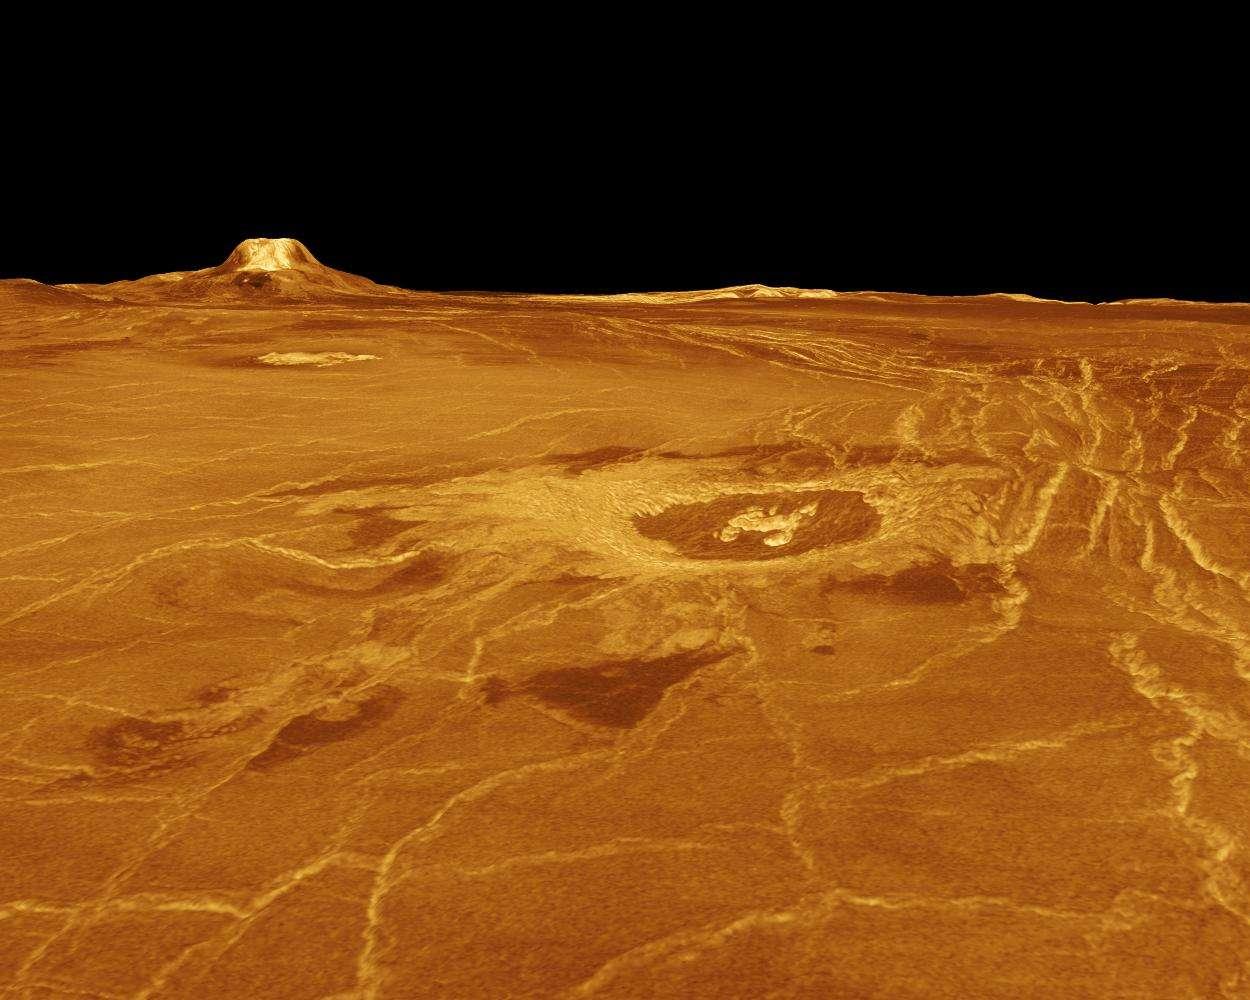 Cette image a été obtenue à partir des données radar de la sonde Magellan qui a observé et cartographier la surface de Vénus durant 4 ans (d'août 1990 à octobre 1994). Elle montre Eistla Regio avec à l'horizon Gula Mons. Les observations de Magellan ont permis d'établir que la surface de Vénus est globalement jeune, avec un âge moyen de quelques centaines de millions d'années tout au plus. En effet, on n'y observe que peu de cratères d'impact. On constate aussi que la surface est caractérisée par un volcanisme important, puisque toute la surface de Vénus est constituée de volcans, de coulées, de caldeiras et de dômes. Mais au cours des 4 années qu'ont duré les observations au radar de Magellan, ni panaches de cendres ni modifications notables de la surface de Vénus n'ont été détectés. Il y avait donc un débat sur la réalité d'une activité actuelle ou récente du volcanisme sur Vénus. © Nasa